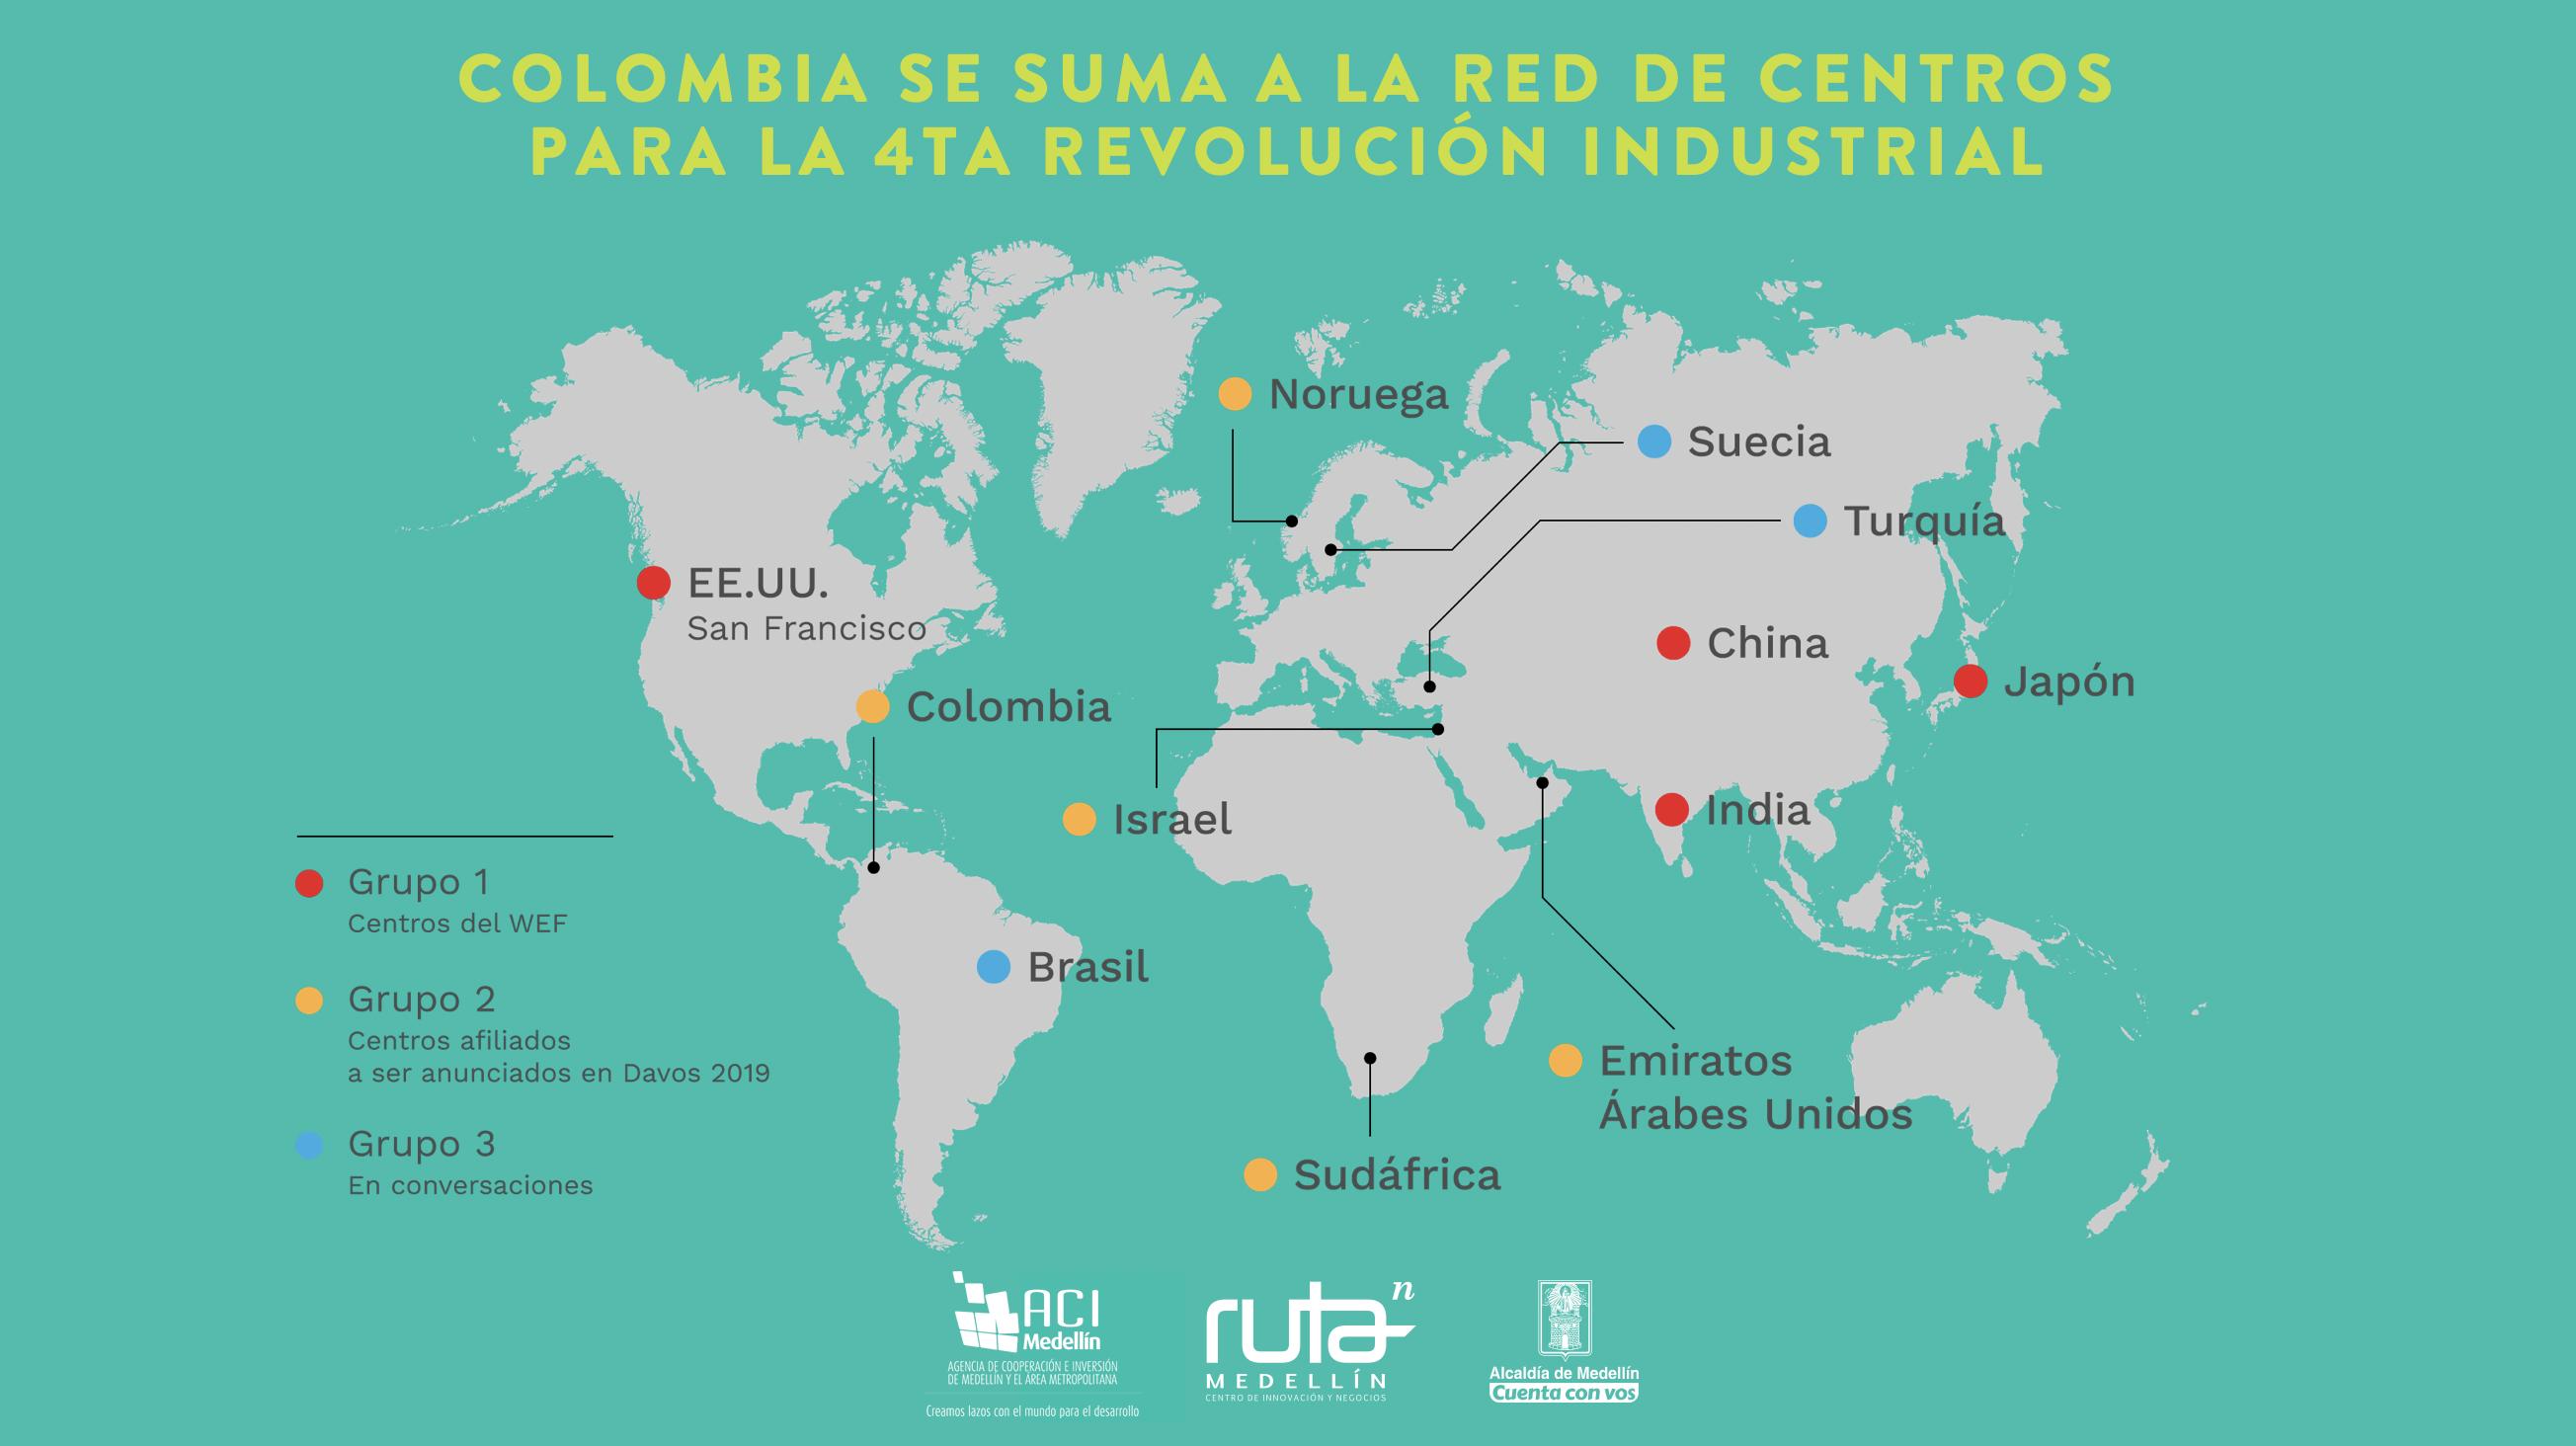 Centro para la Cuarta Revolución Colombia